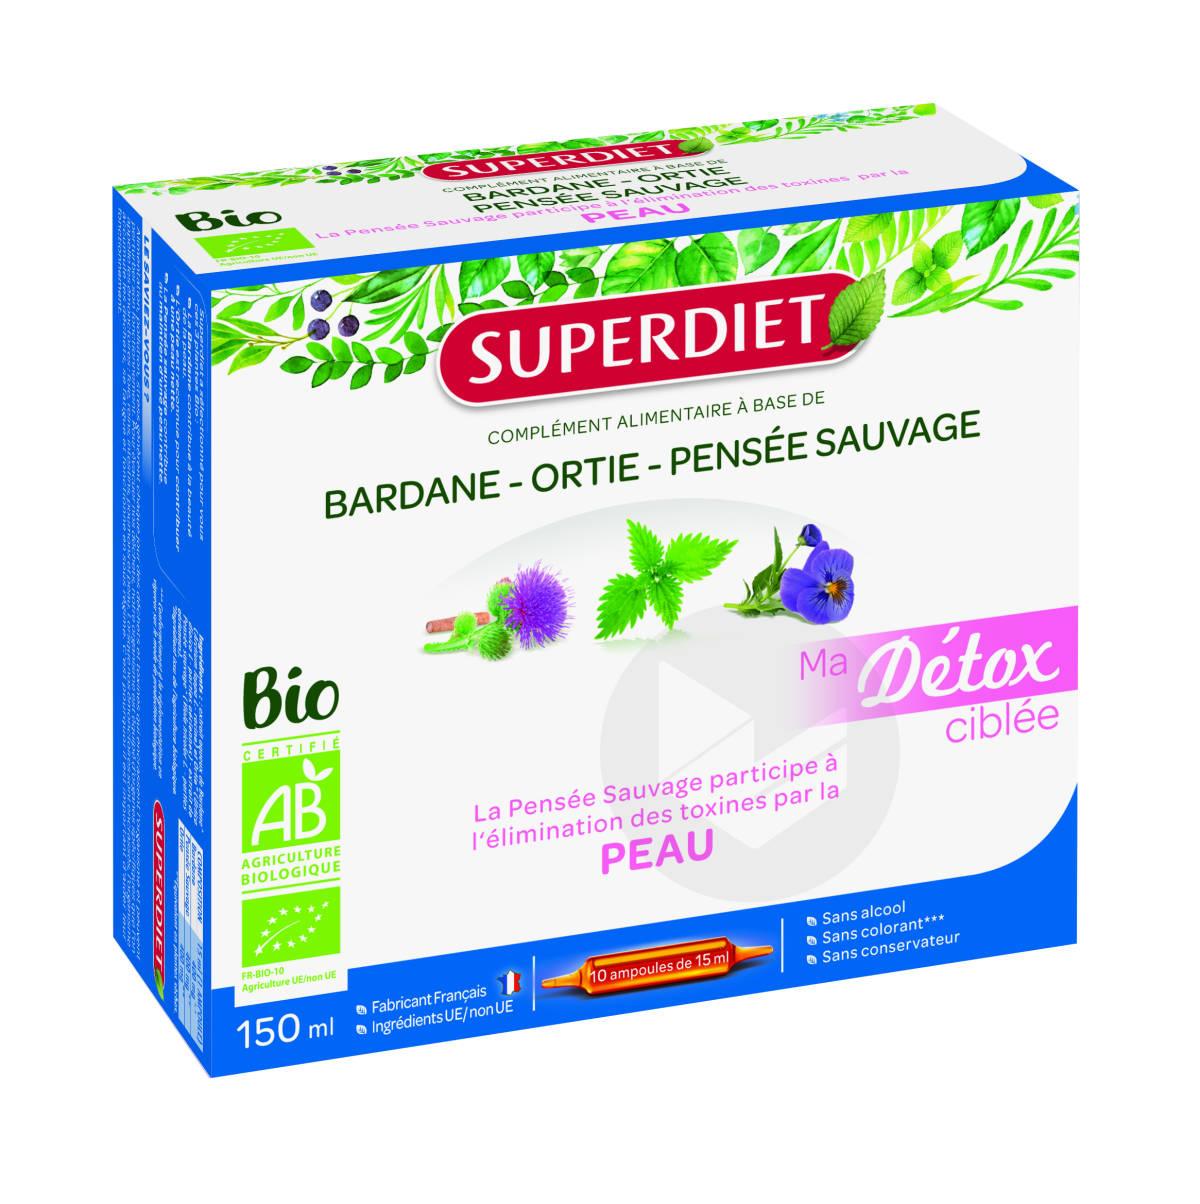 Ma Detox Ciblée Pensée Sauvage Peau Bio 10 Ampoules De 15ml